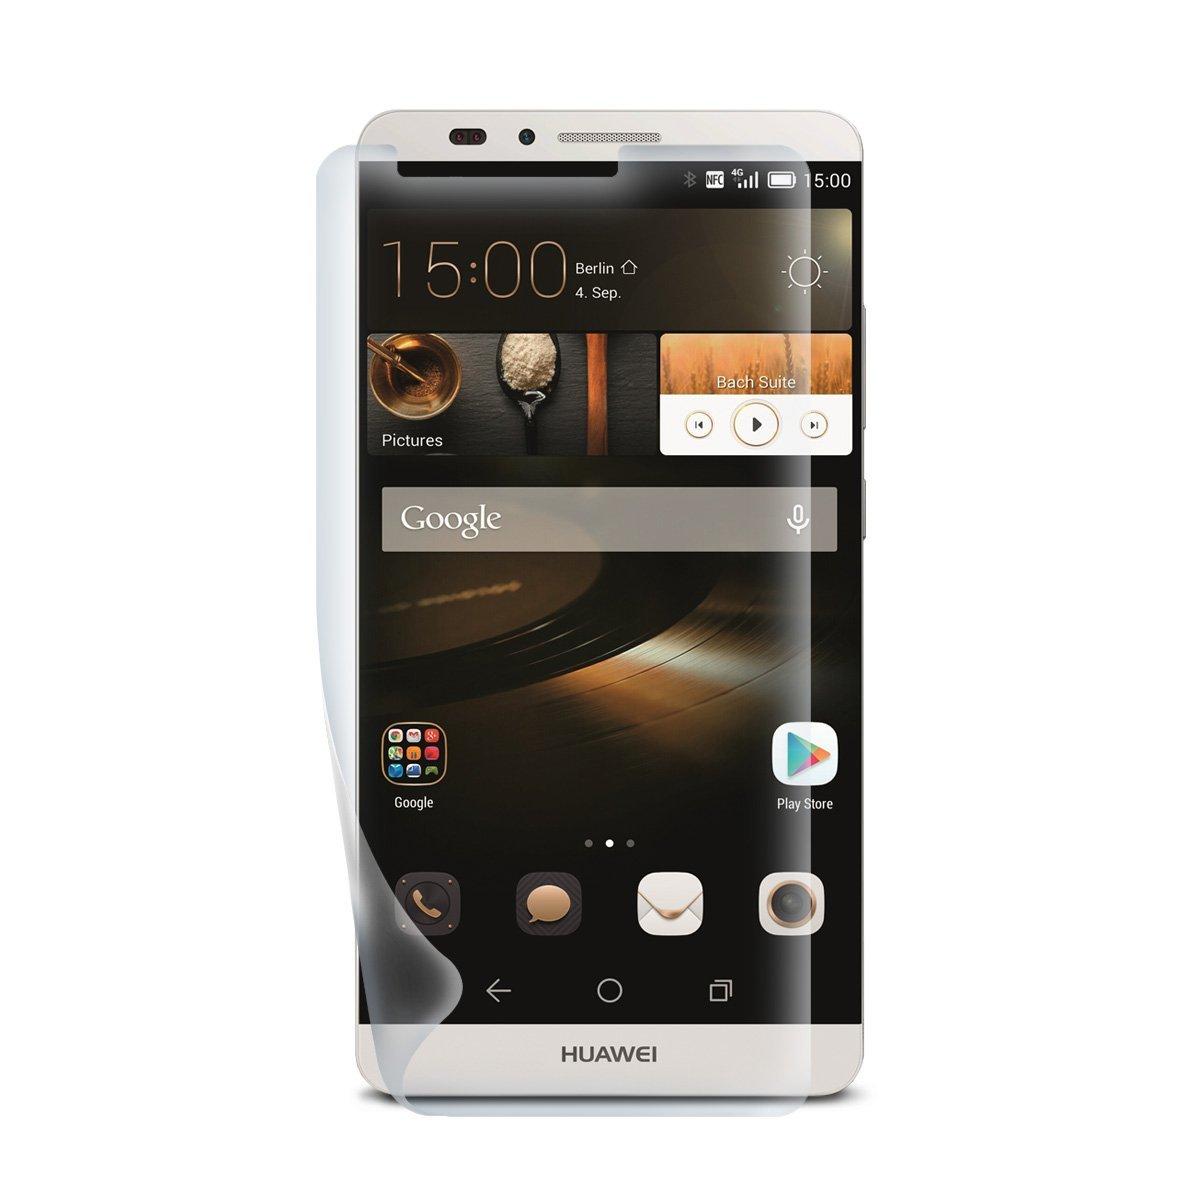 Acase Ike tư Hoa cho Mate 7 chiếc điện thoại màn hình chống ánh xanh bảo vệ (1)